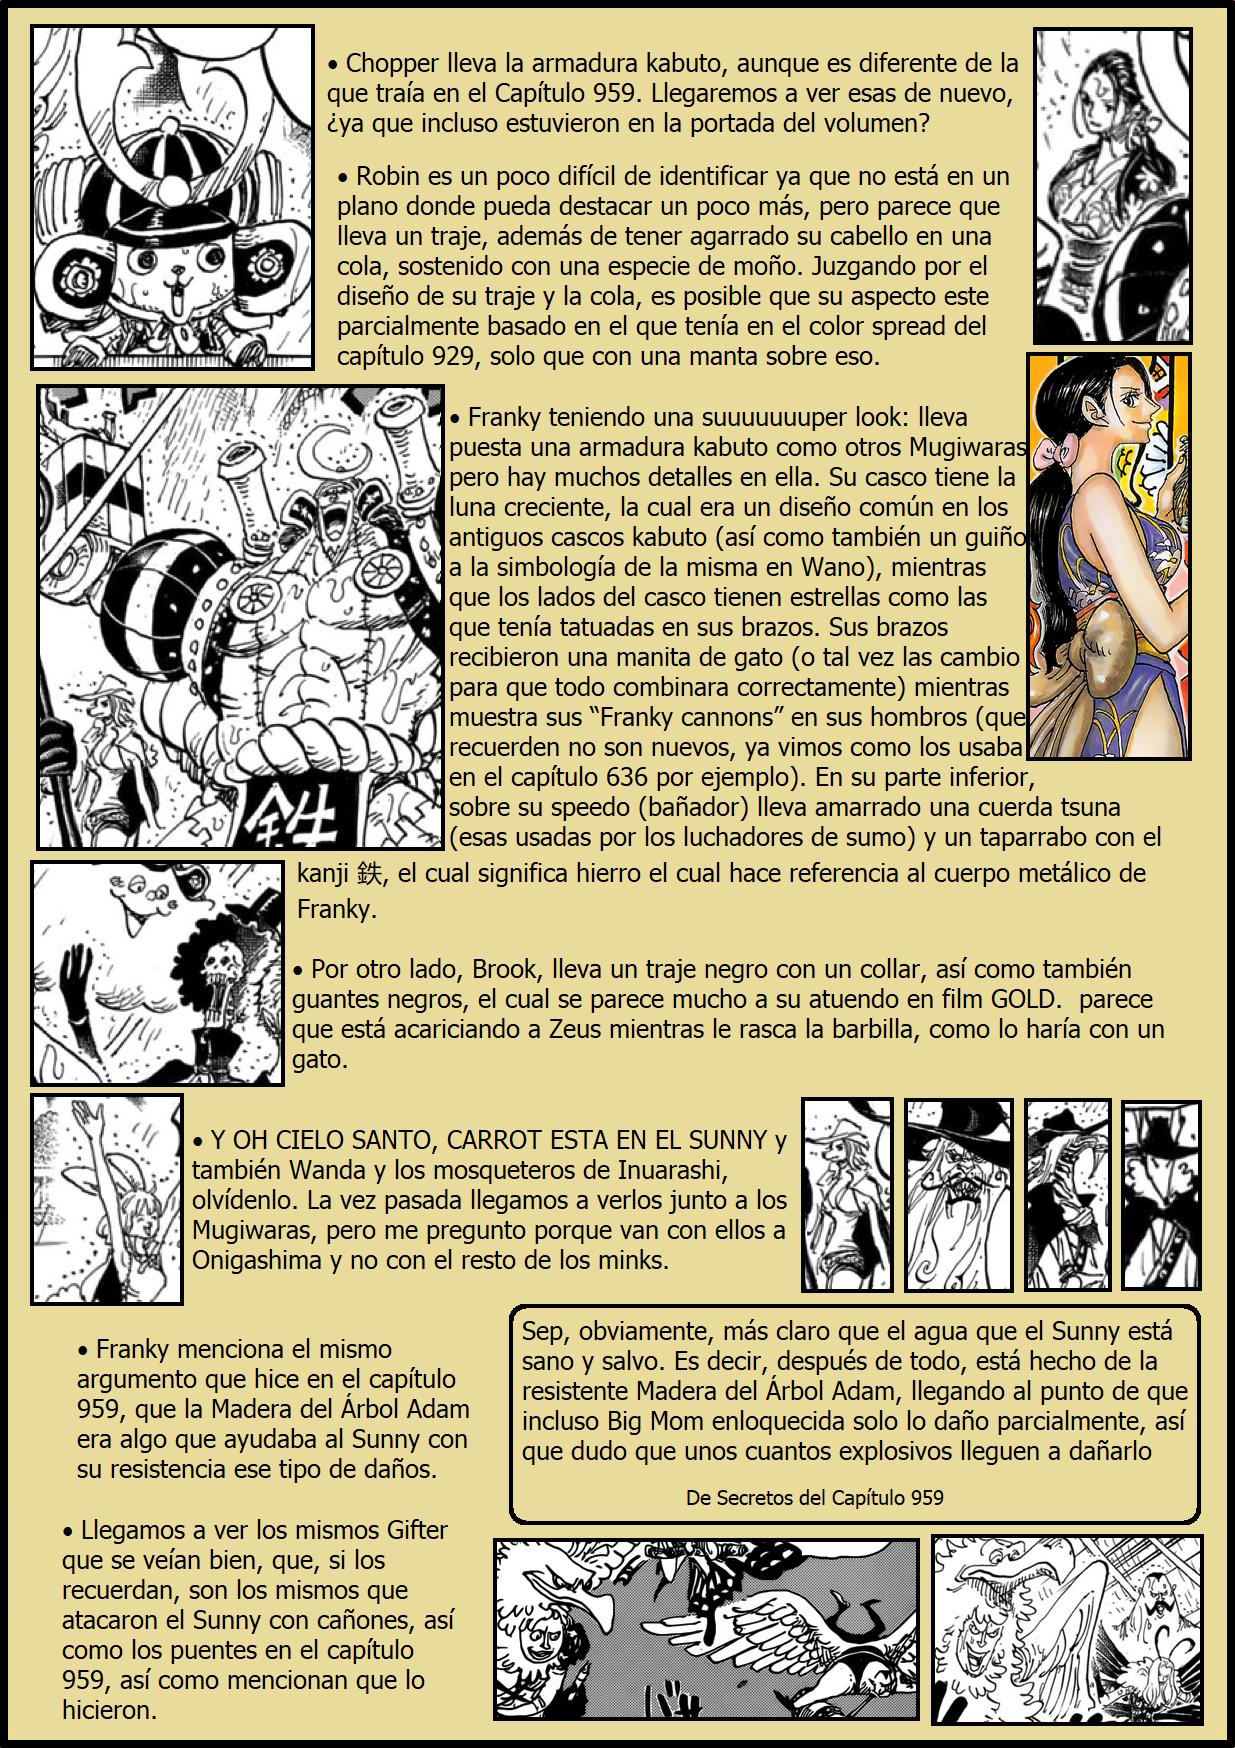 Secretos & Curiosidades - One Piece Manga 975 03